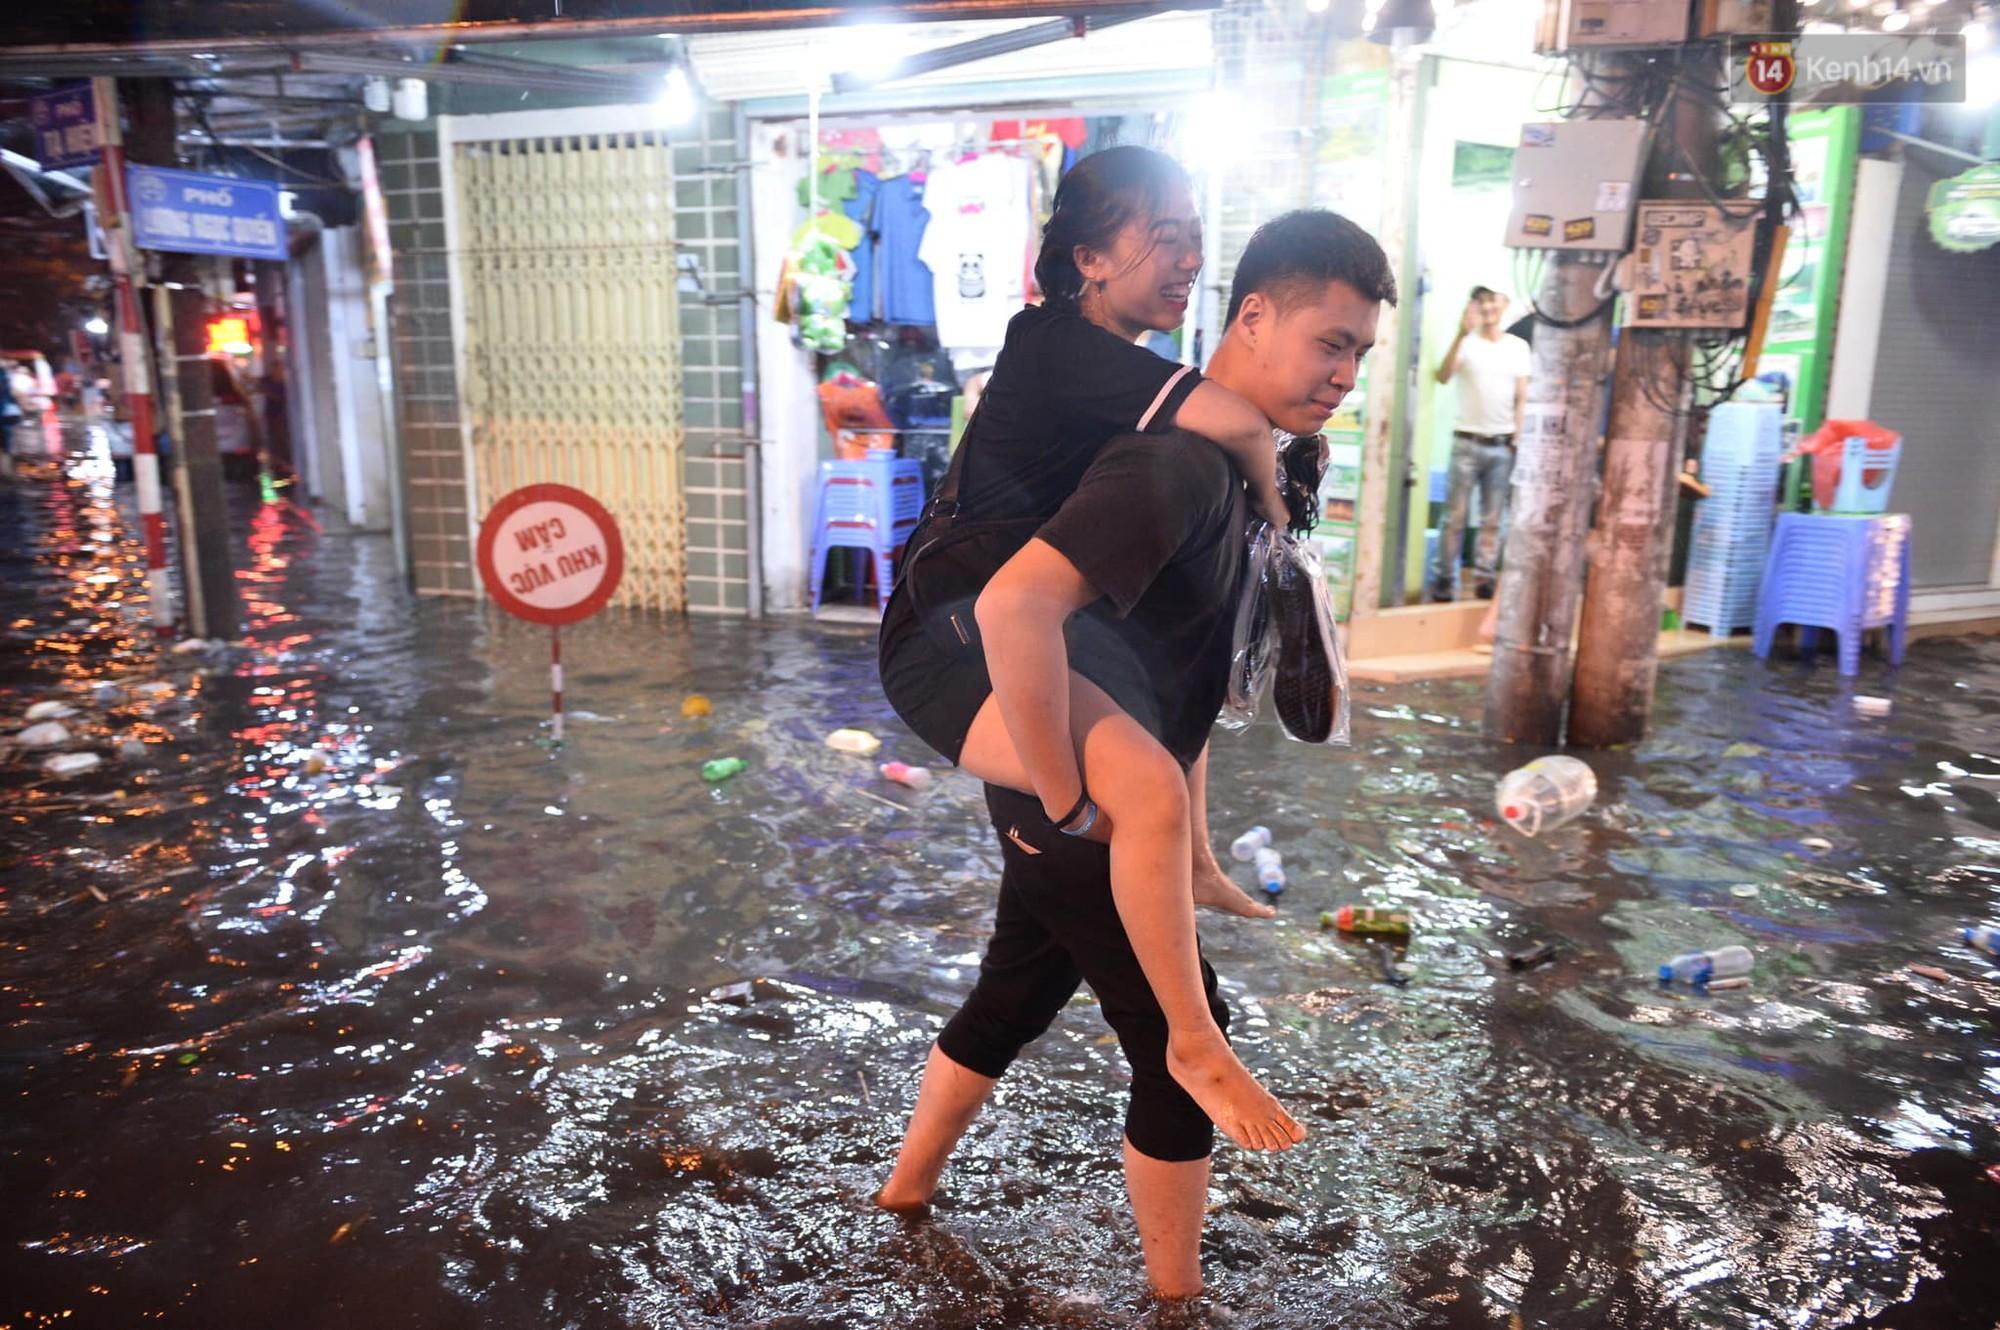 Hà Nội: Phố tây Tạ Hiện - Lương Ngọc Quyến mênh mông nước, nhiều cặp đôi phải cõng nhau di chuyển - Ảnh 8.